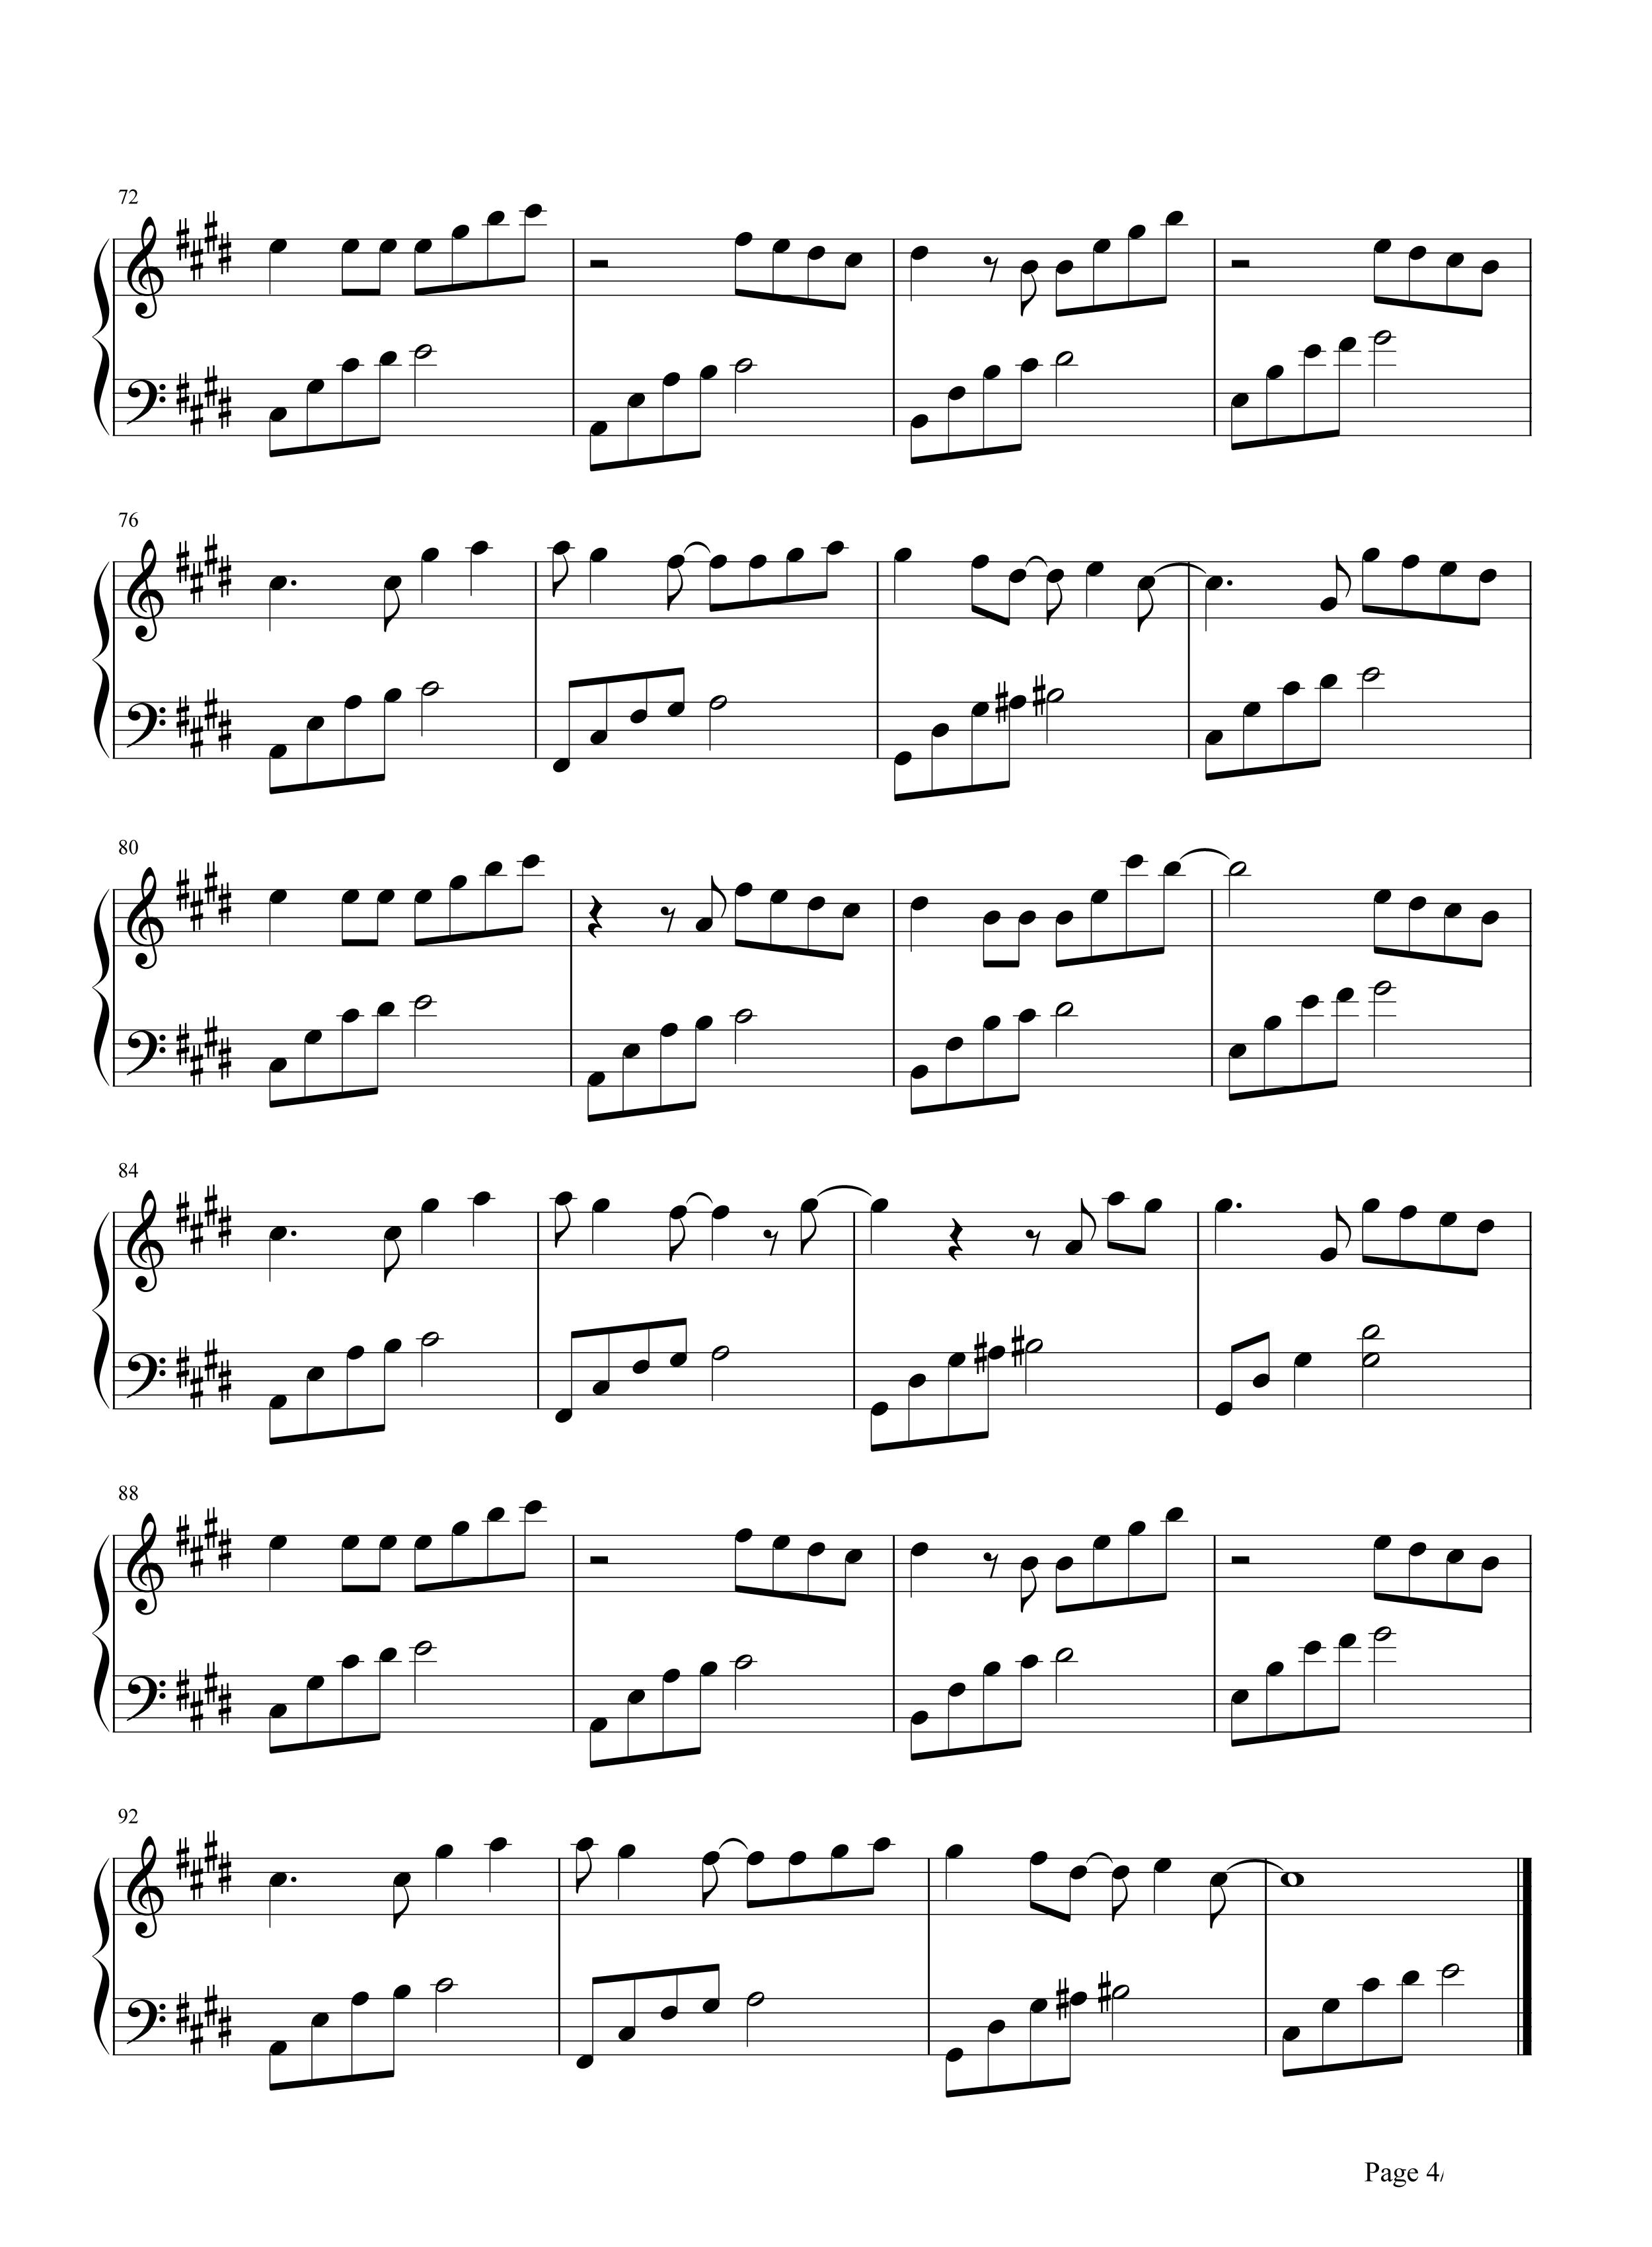 表情 不仅仅是喜欢 钢琴谱上一秒抖音下一秒 酷狗萧全的这首歌就让我